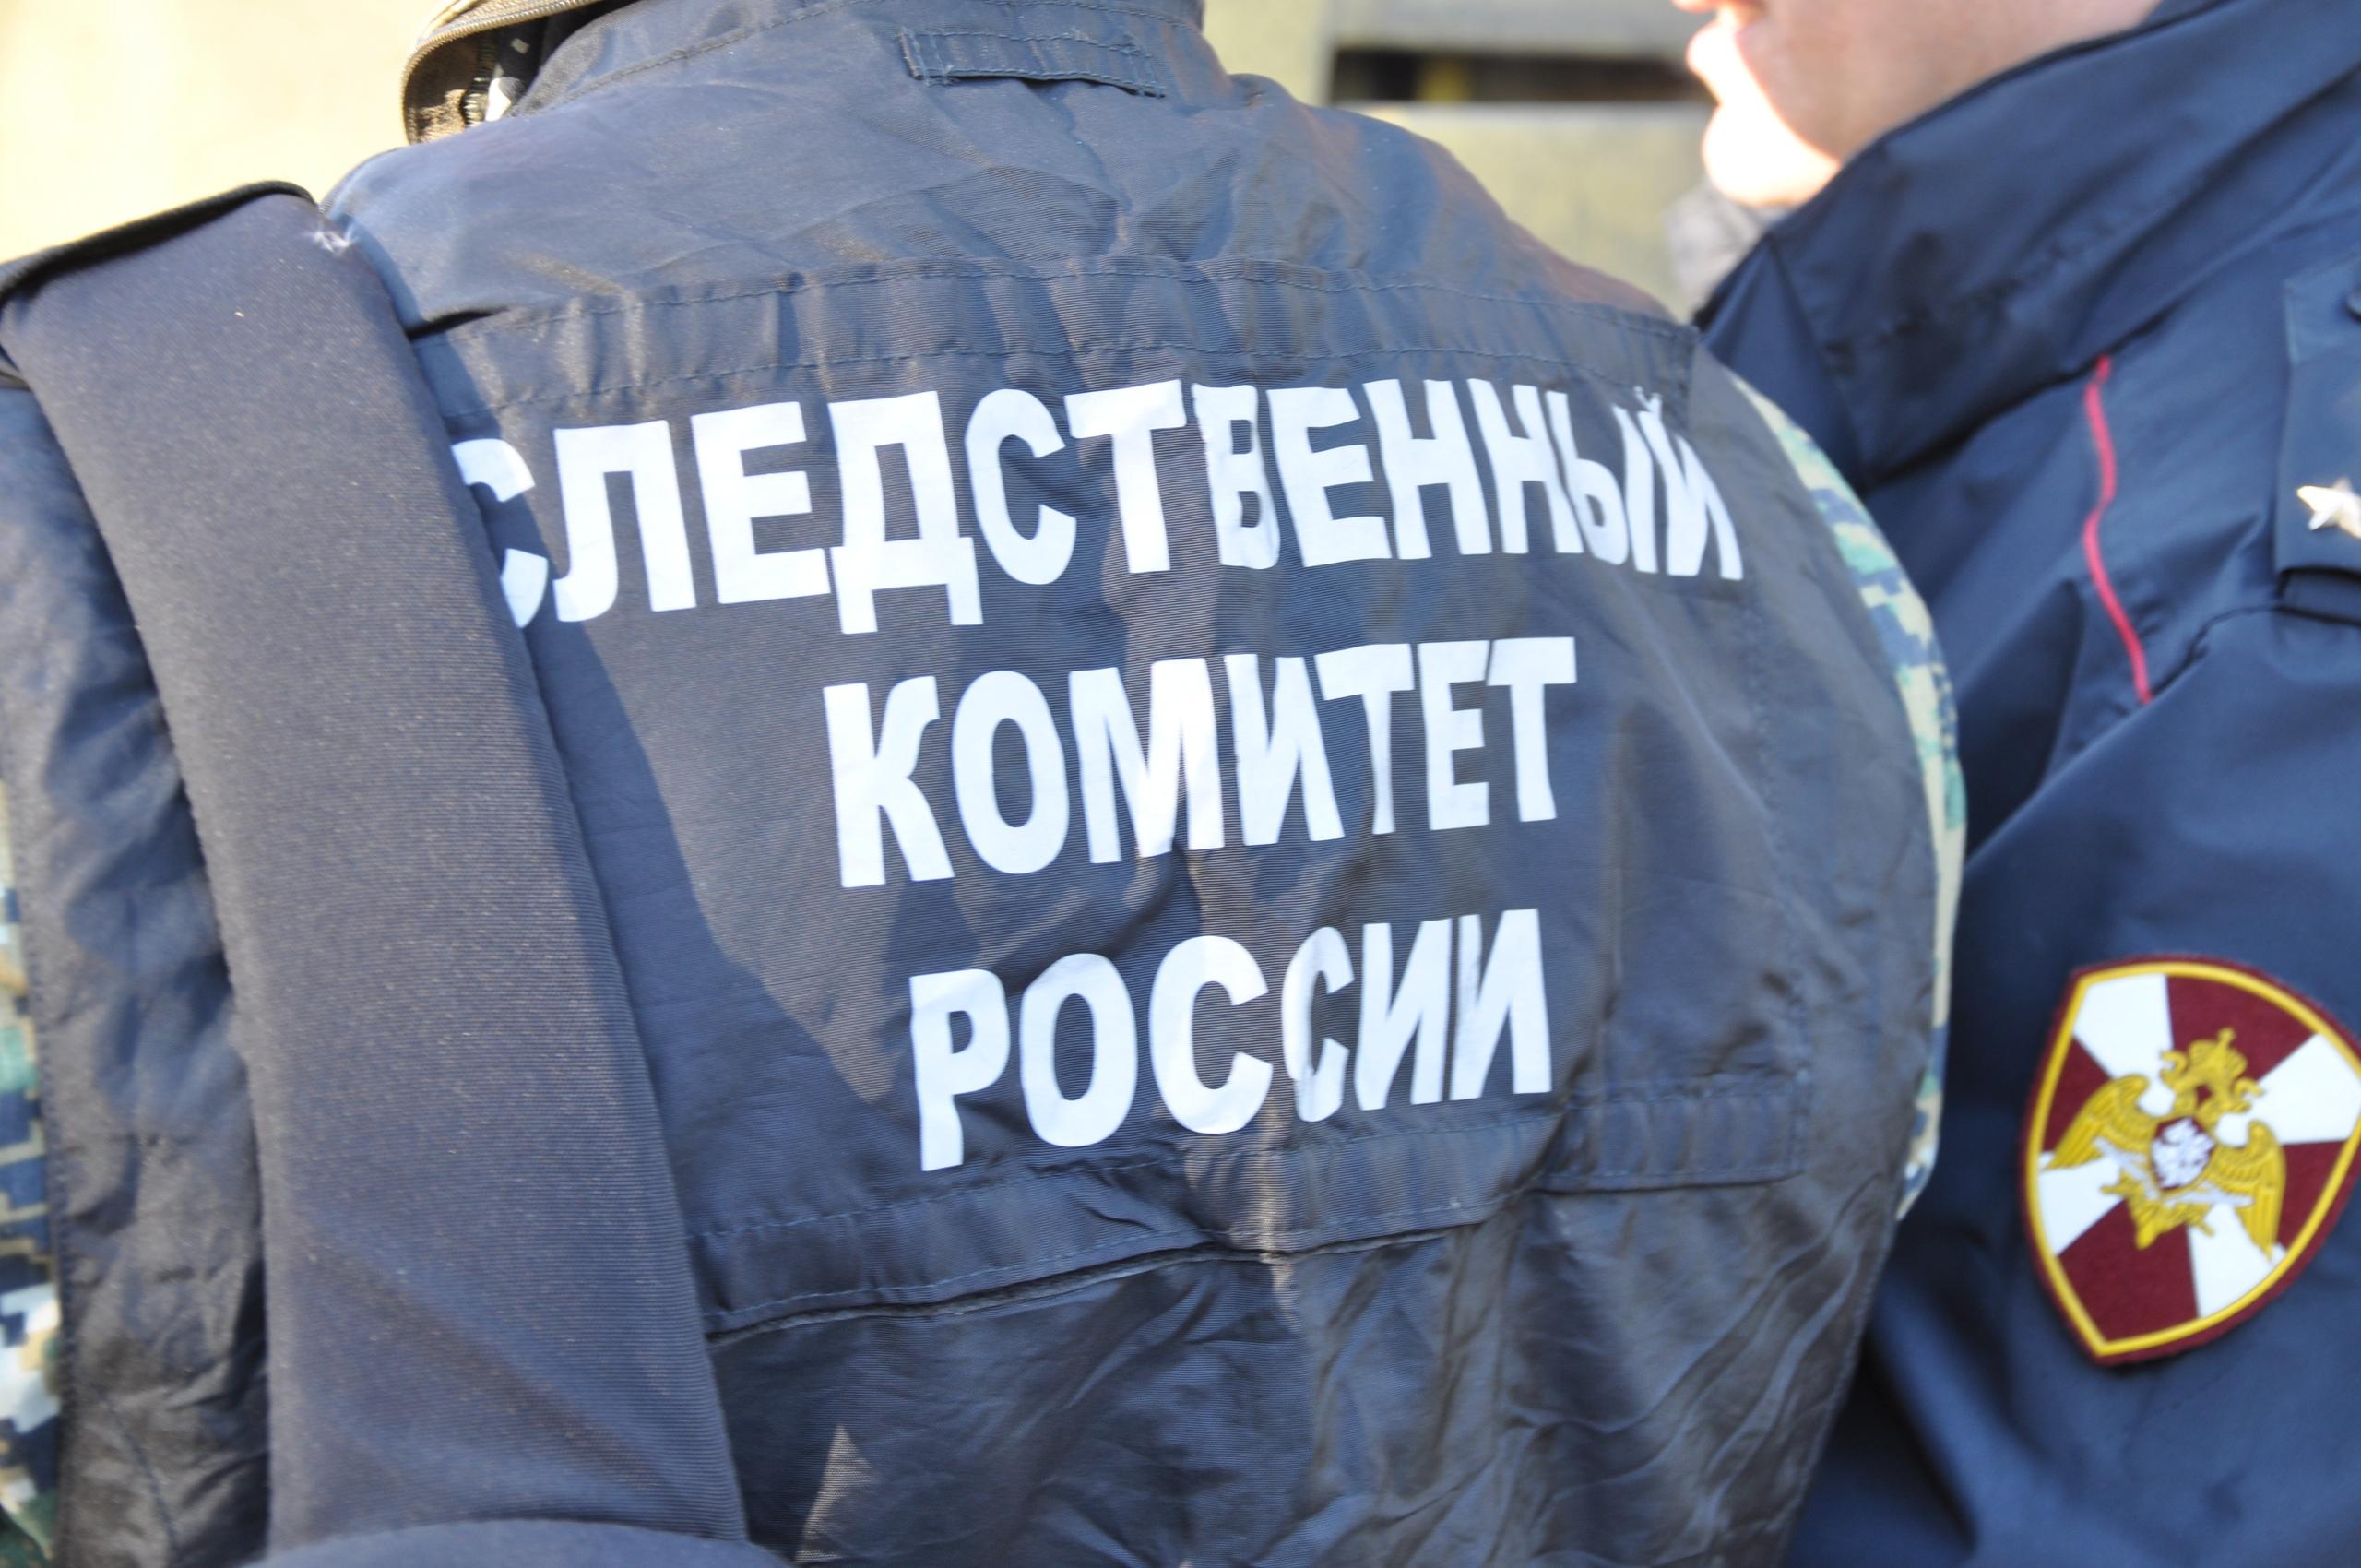 В Тверской области взяли под стражу 18-летнего парня, убившего на улице сверстника - новости Афанасий